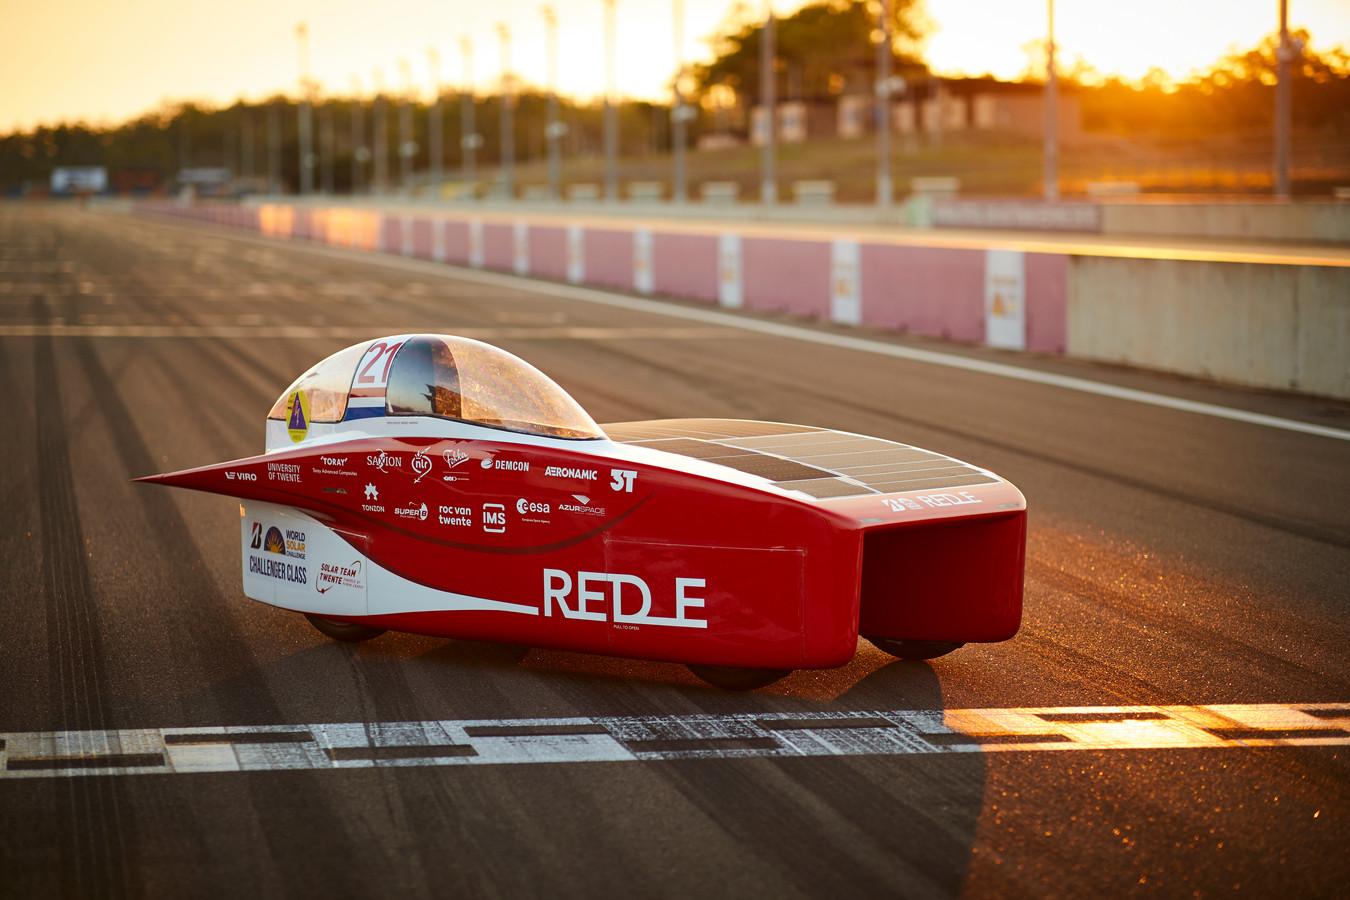 De Red E moet in Australië hoge ogen gaan gooien